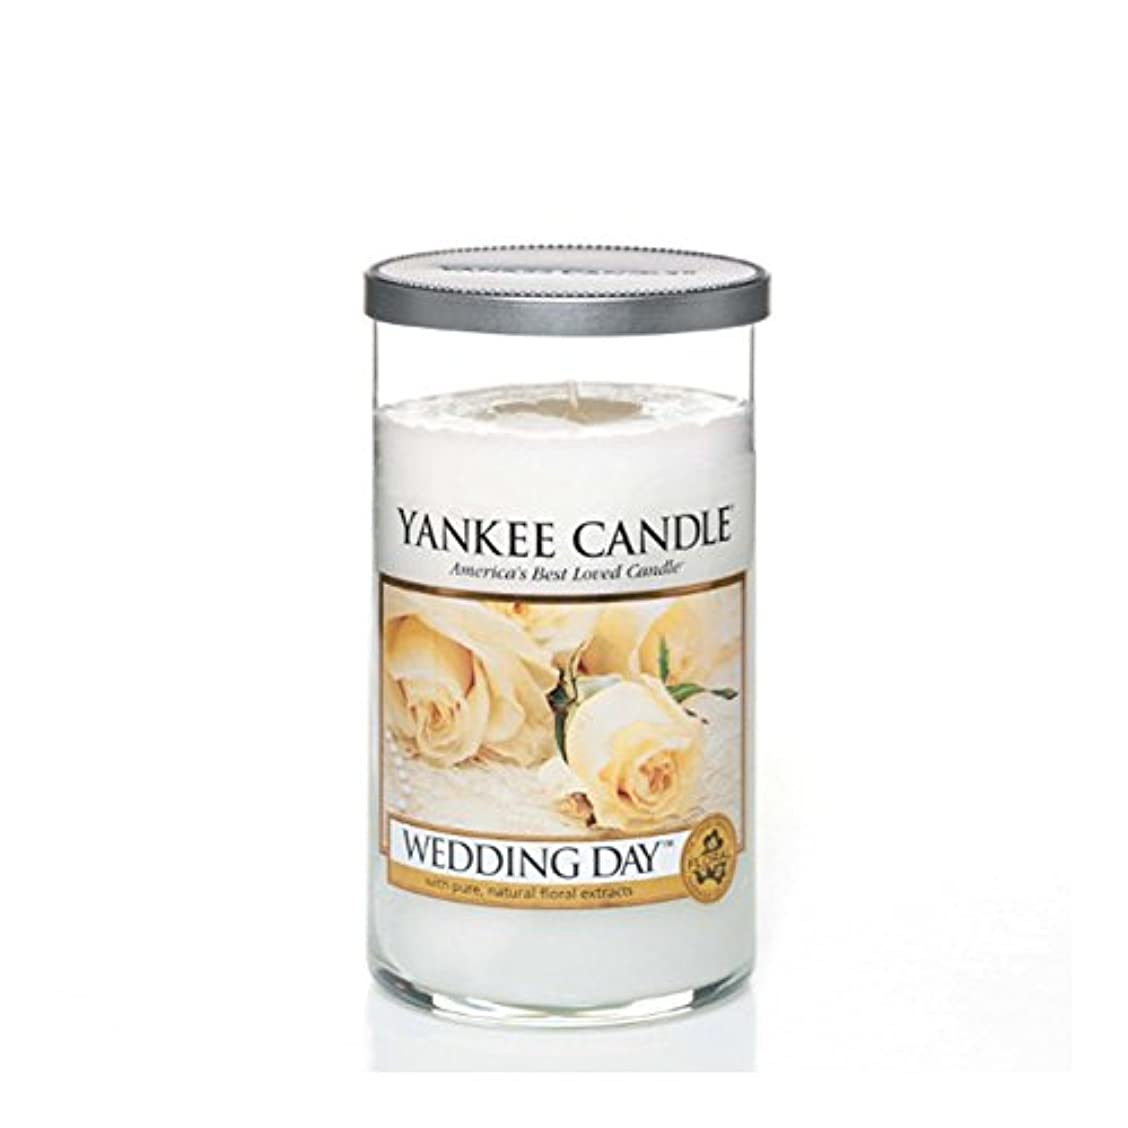 コンプライアンス樫の木後ヤンキーキャンドルメディアピラーキャンドル - 結婚式の日 - Yankee Candles Medium Pillar Candle - Wedding Day (Yankee Candles) [並行輸入品]